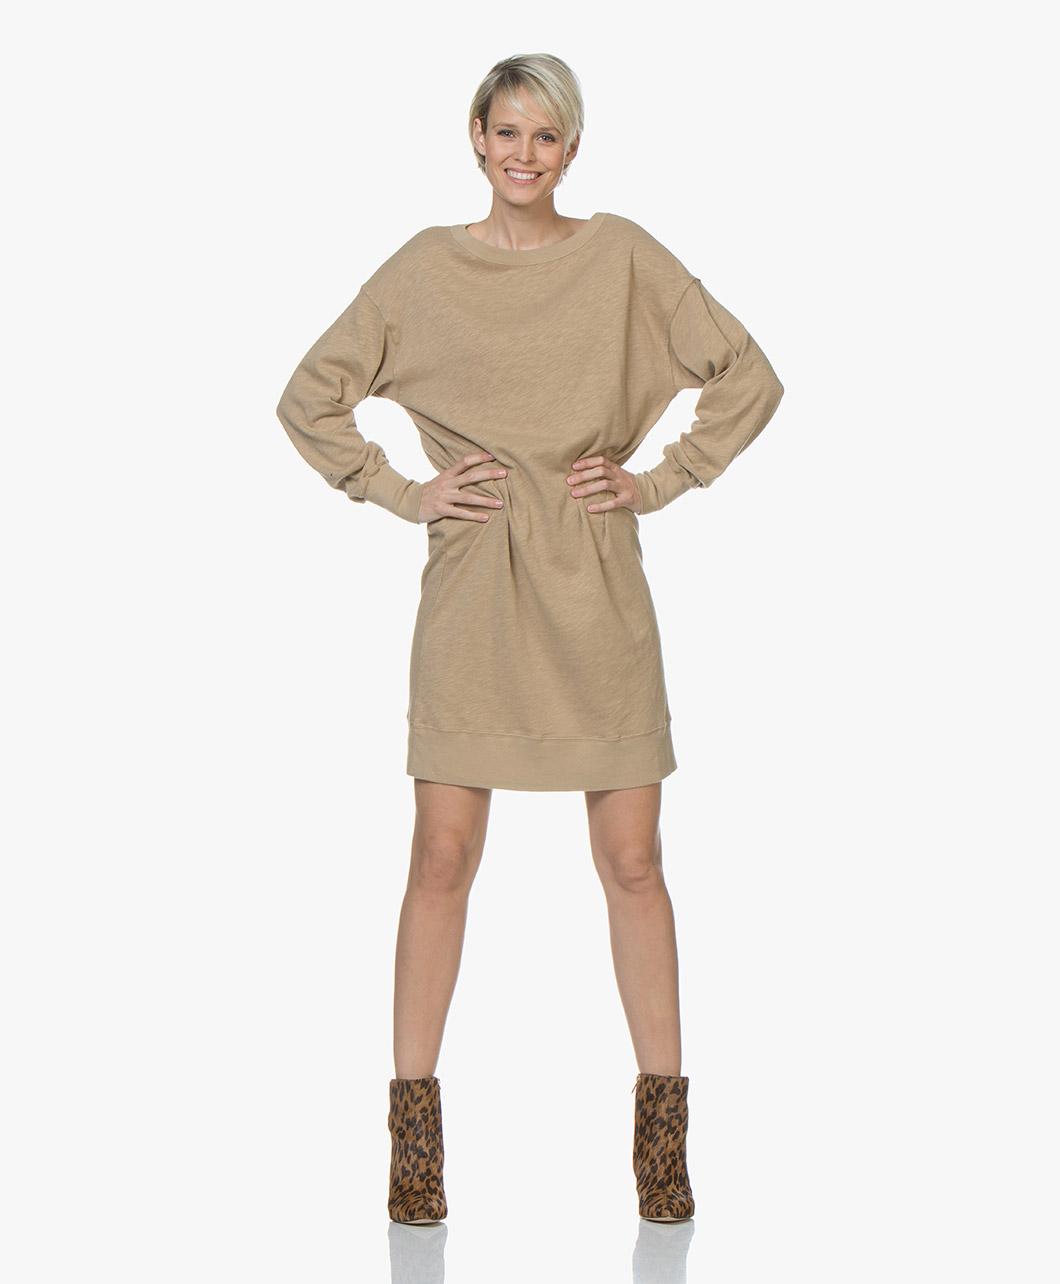 Immagine di American Vintage Dress Sonoma Cotton Sweater in Brown Sugar